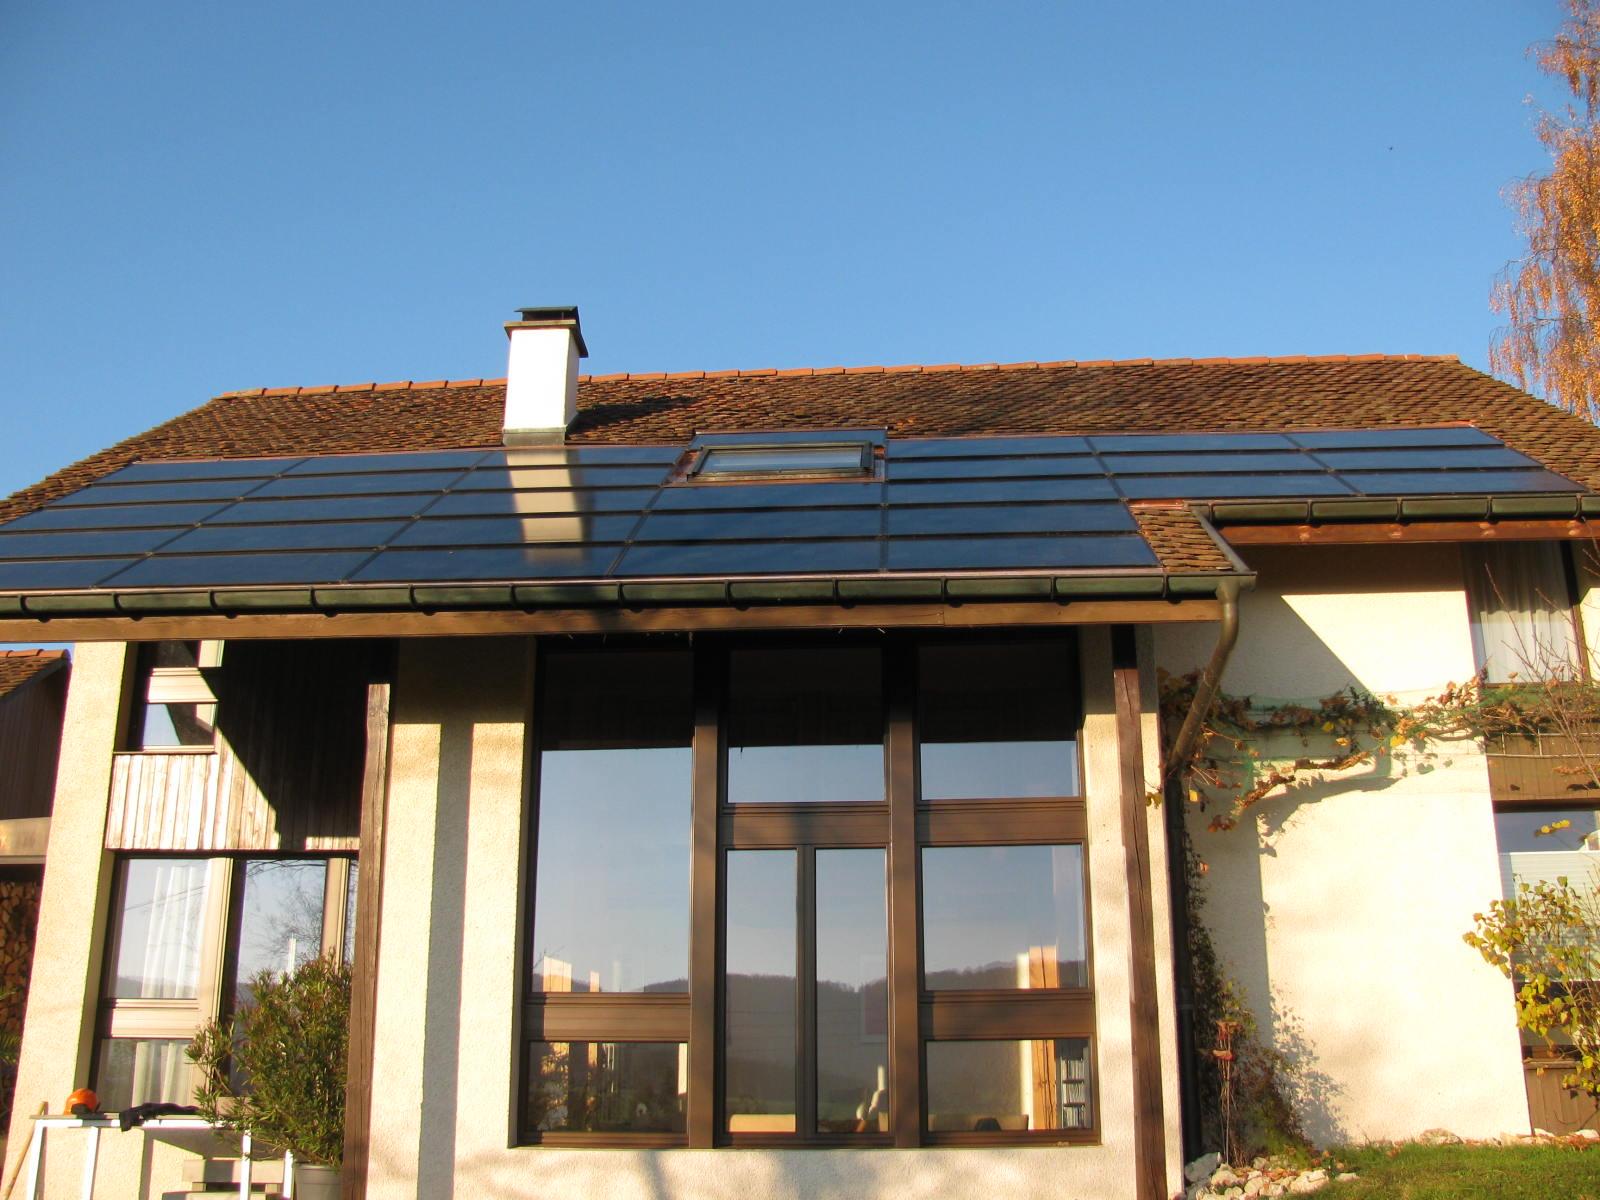 Koutec - panneaux photovoltaïques en Suisse romande